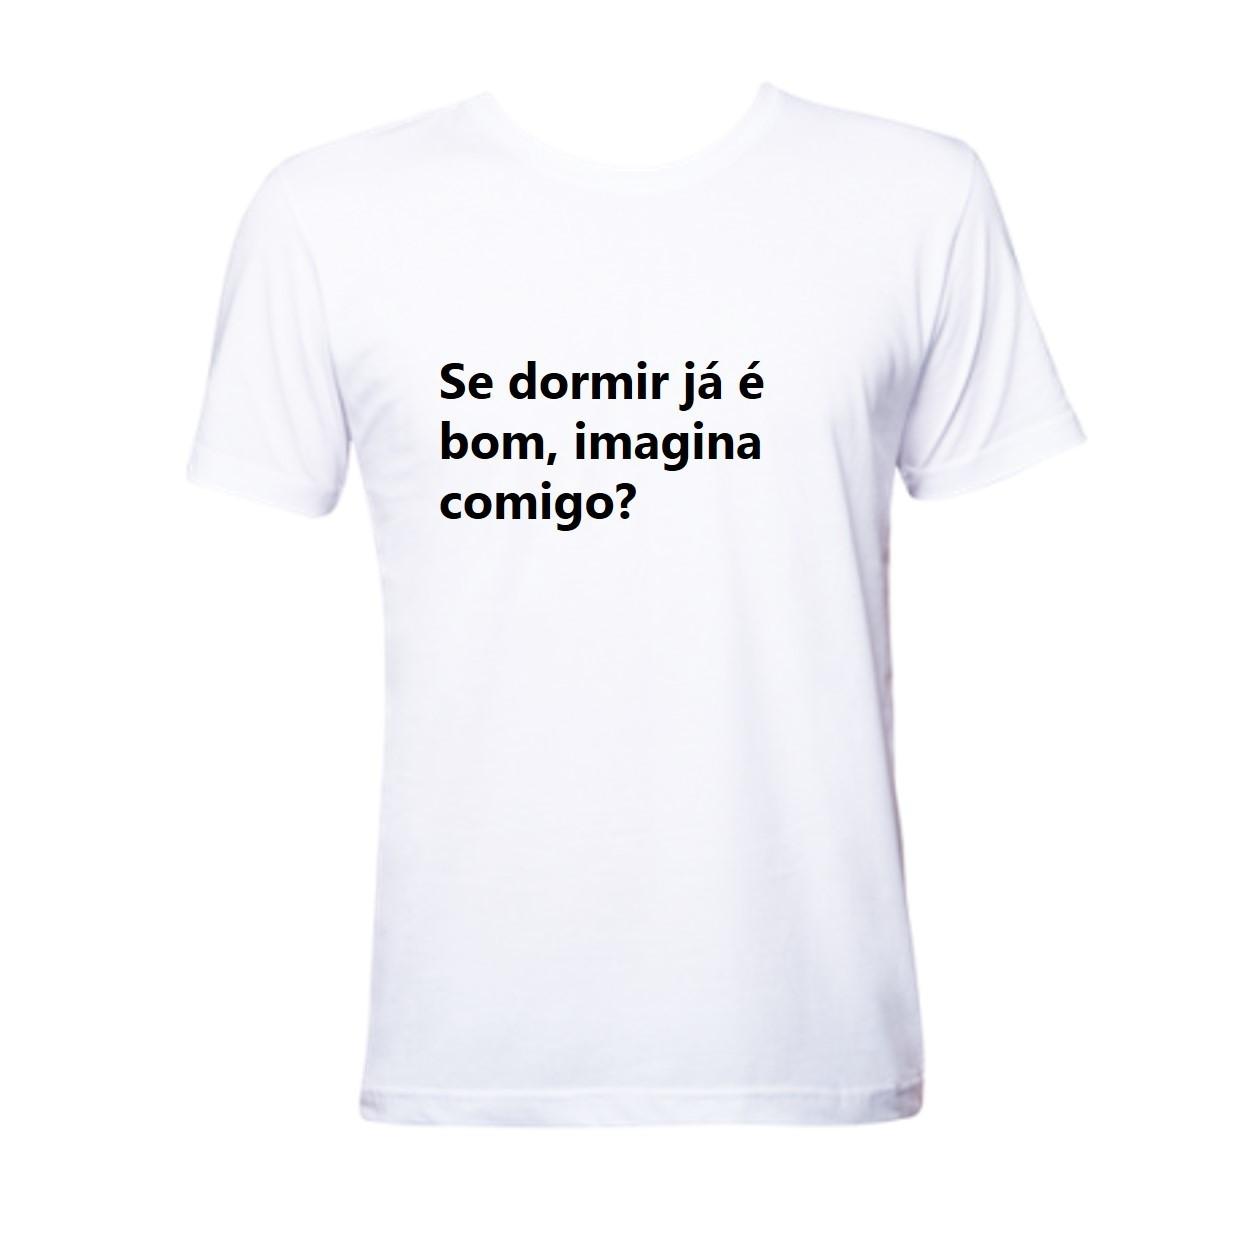 c426dd69027b5 Camiseta Personalizada Frase Engracada Carnaval